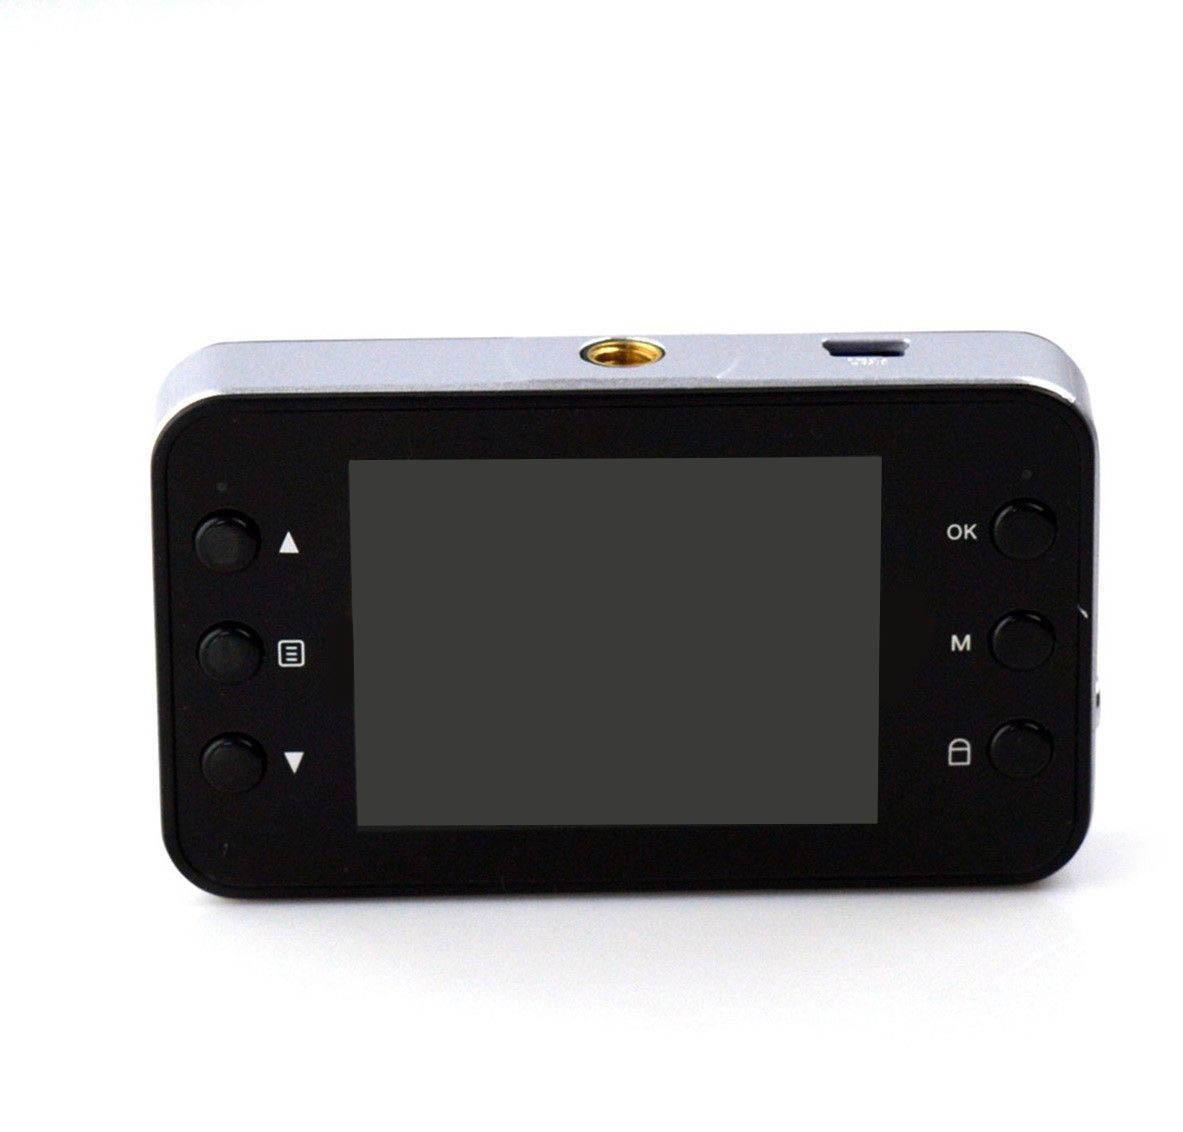 2.4 Caméra Full HD 1080P voiture DVR enregistreur vidéo Dash cam caméscope Livraison gratuite véhicule www.avalonkef.com 6.jpg